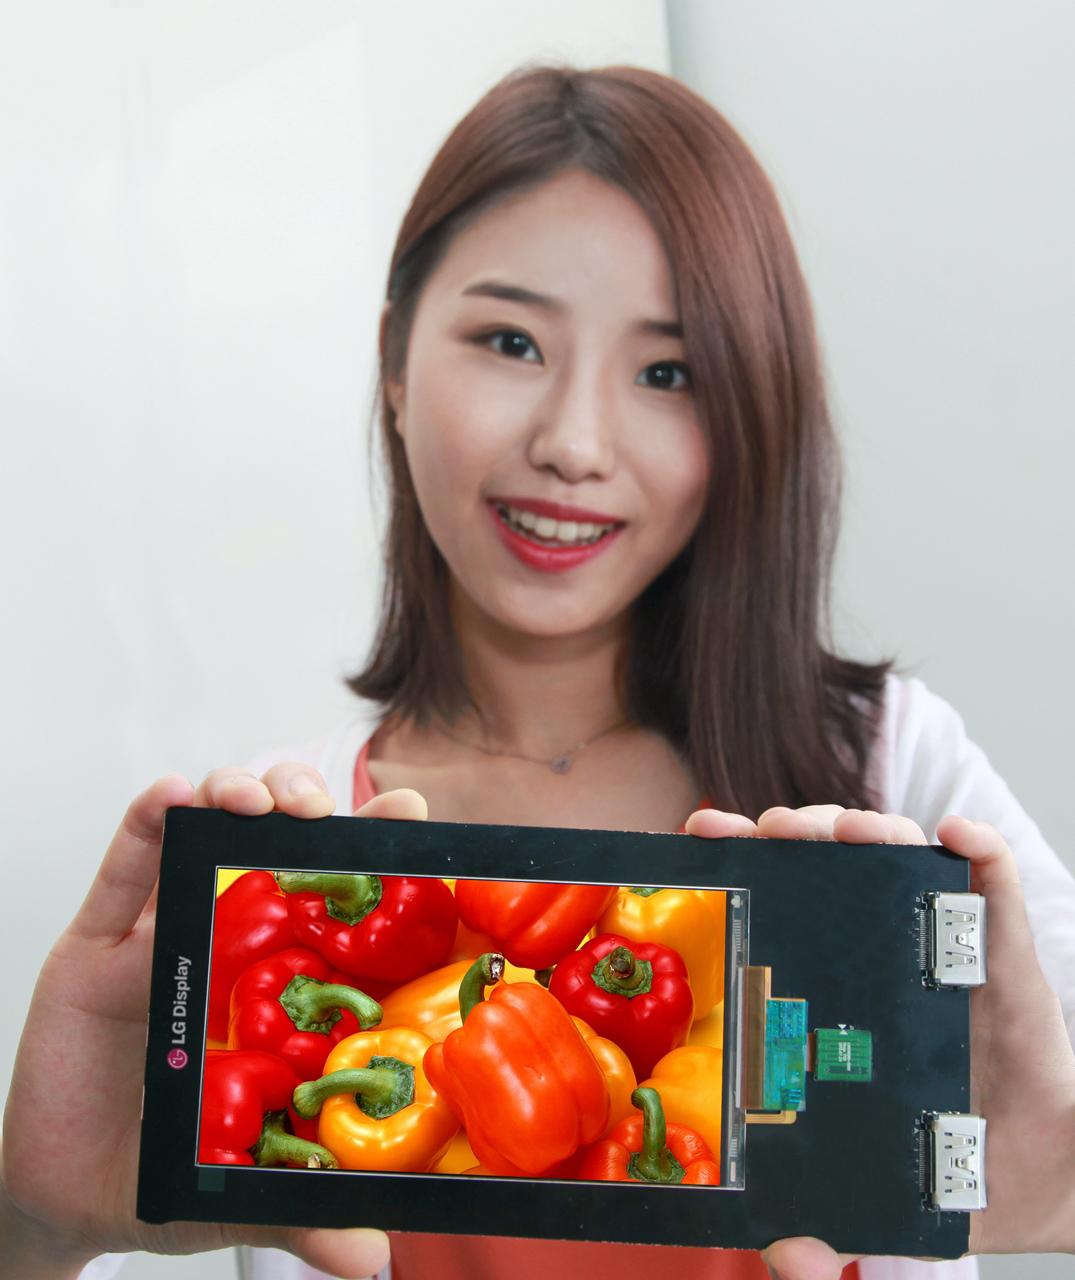 LG Display présente l'écran Quad HD AH-IPS LCD pour smartphone : 2560 x 1440 pixels